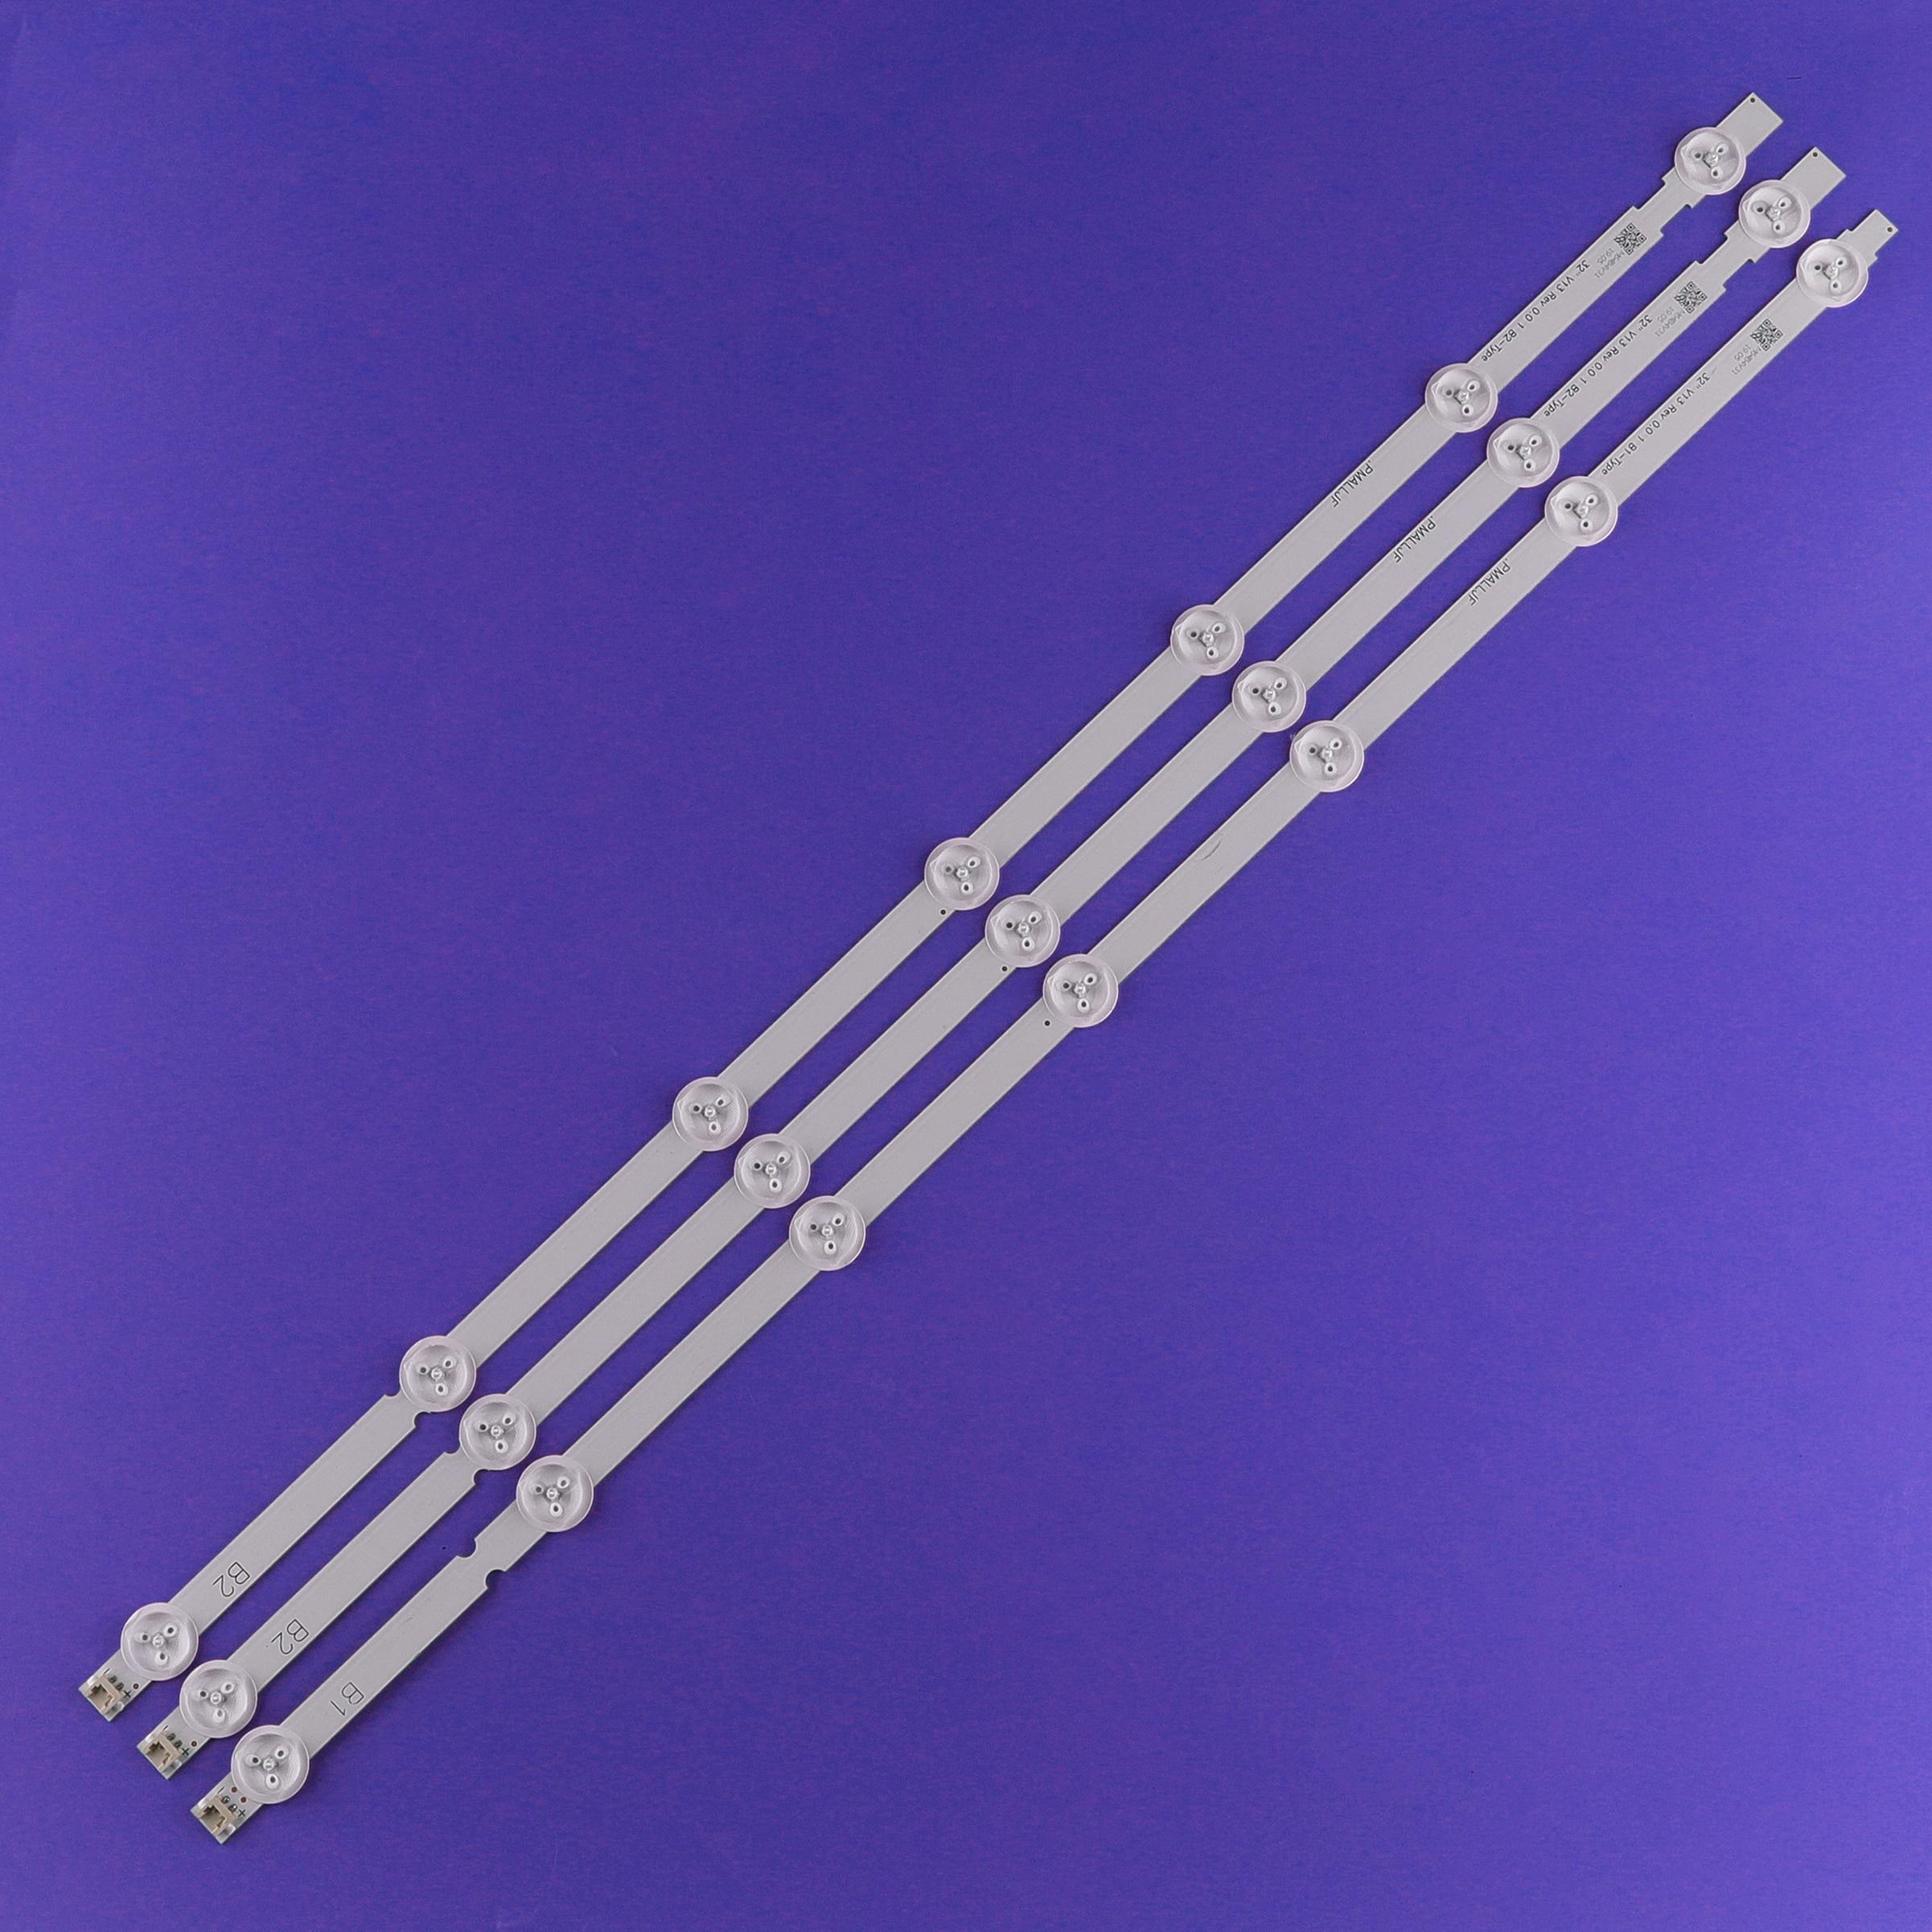 15 قطعة * 7LED LED شريط إضاءة خلفي استبدال متوافق ل 32LN541V 32LN540V B1/B2-Type 6916L-1437A 6916L-1438A LC320DUE SF R1